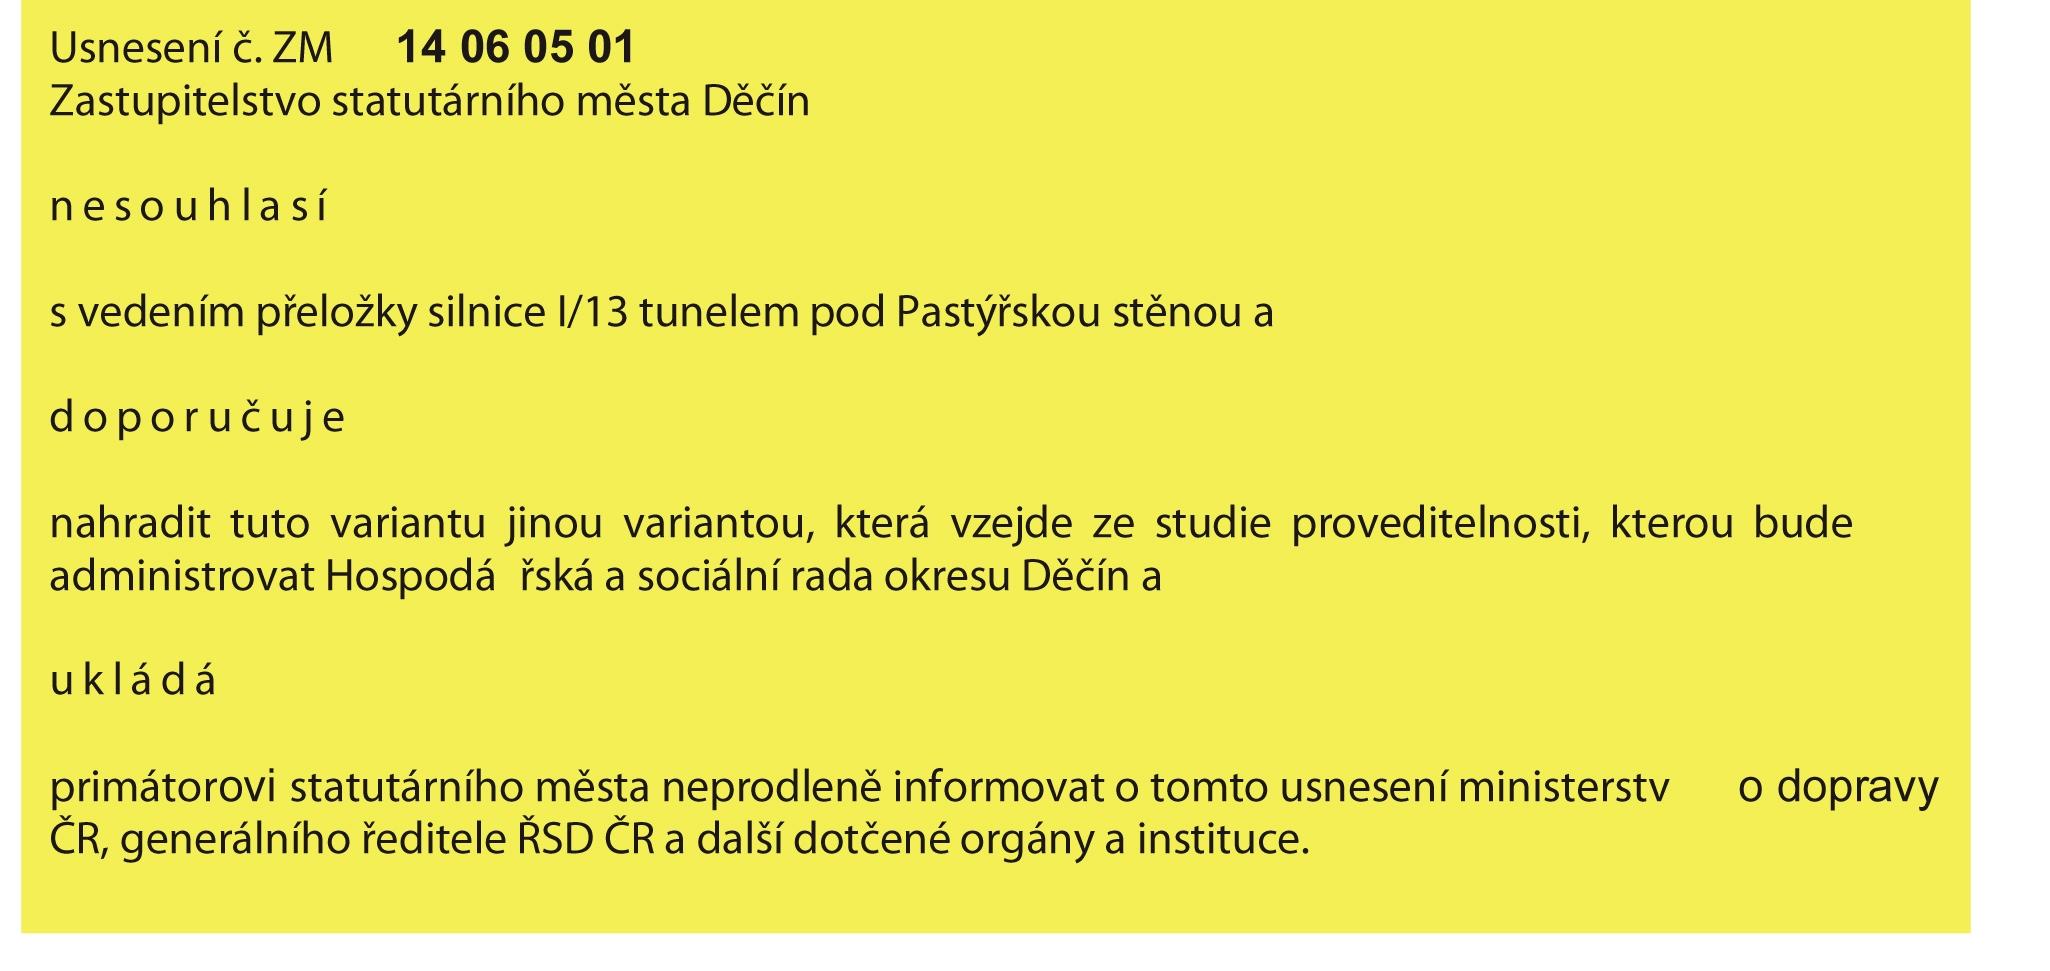 Usneseni_zm_DC_6_140626-2